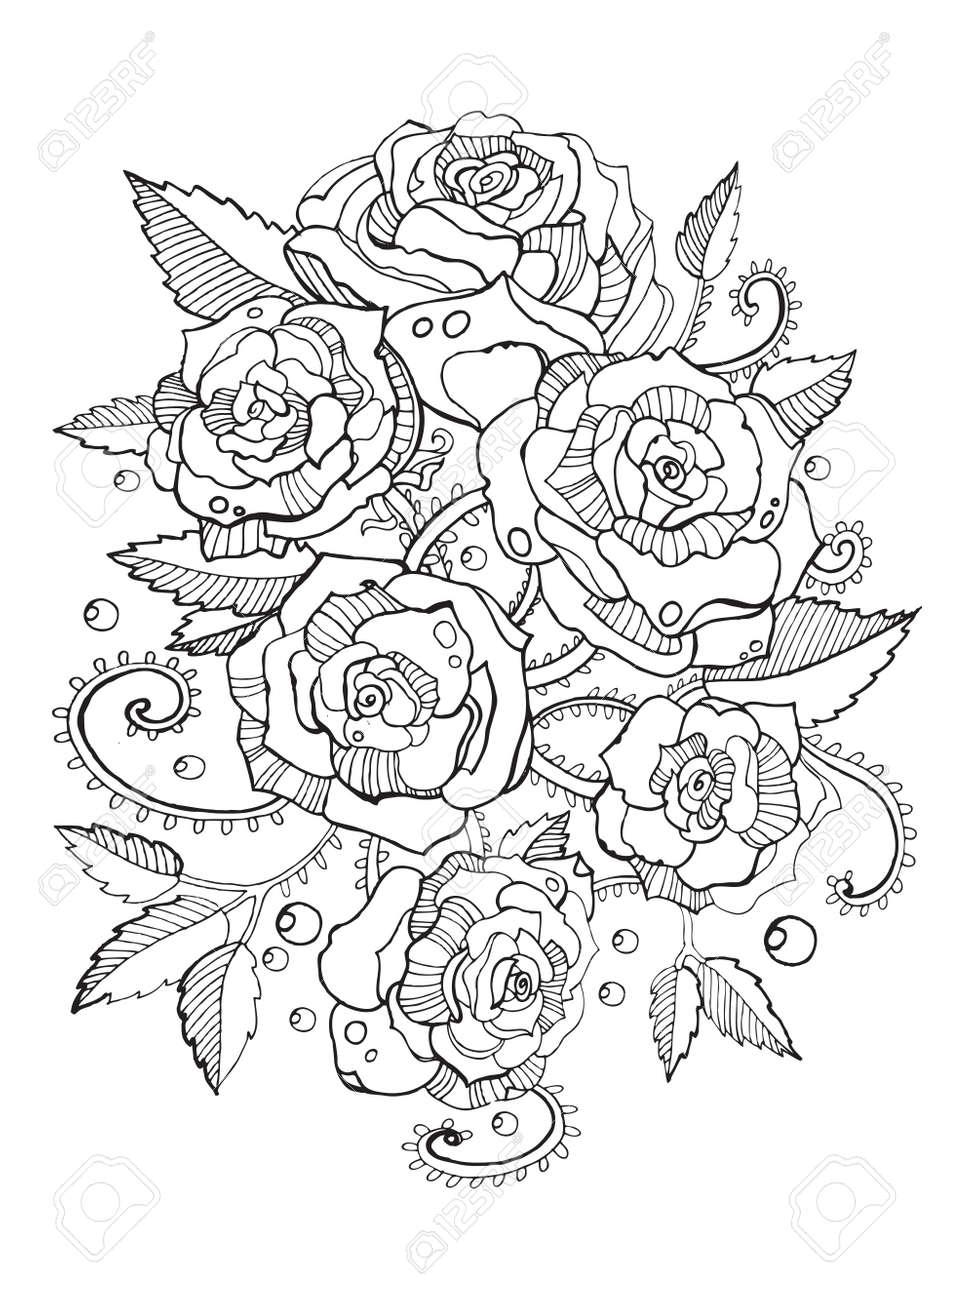 大人のベクトル図のバラの花の塗り絵大人のための着色抗ストレス